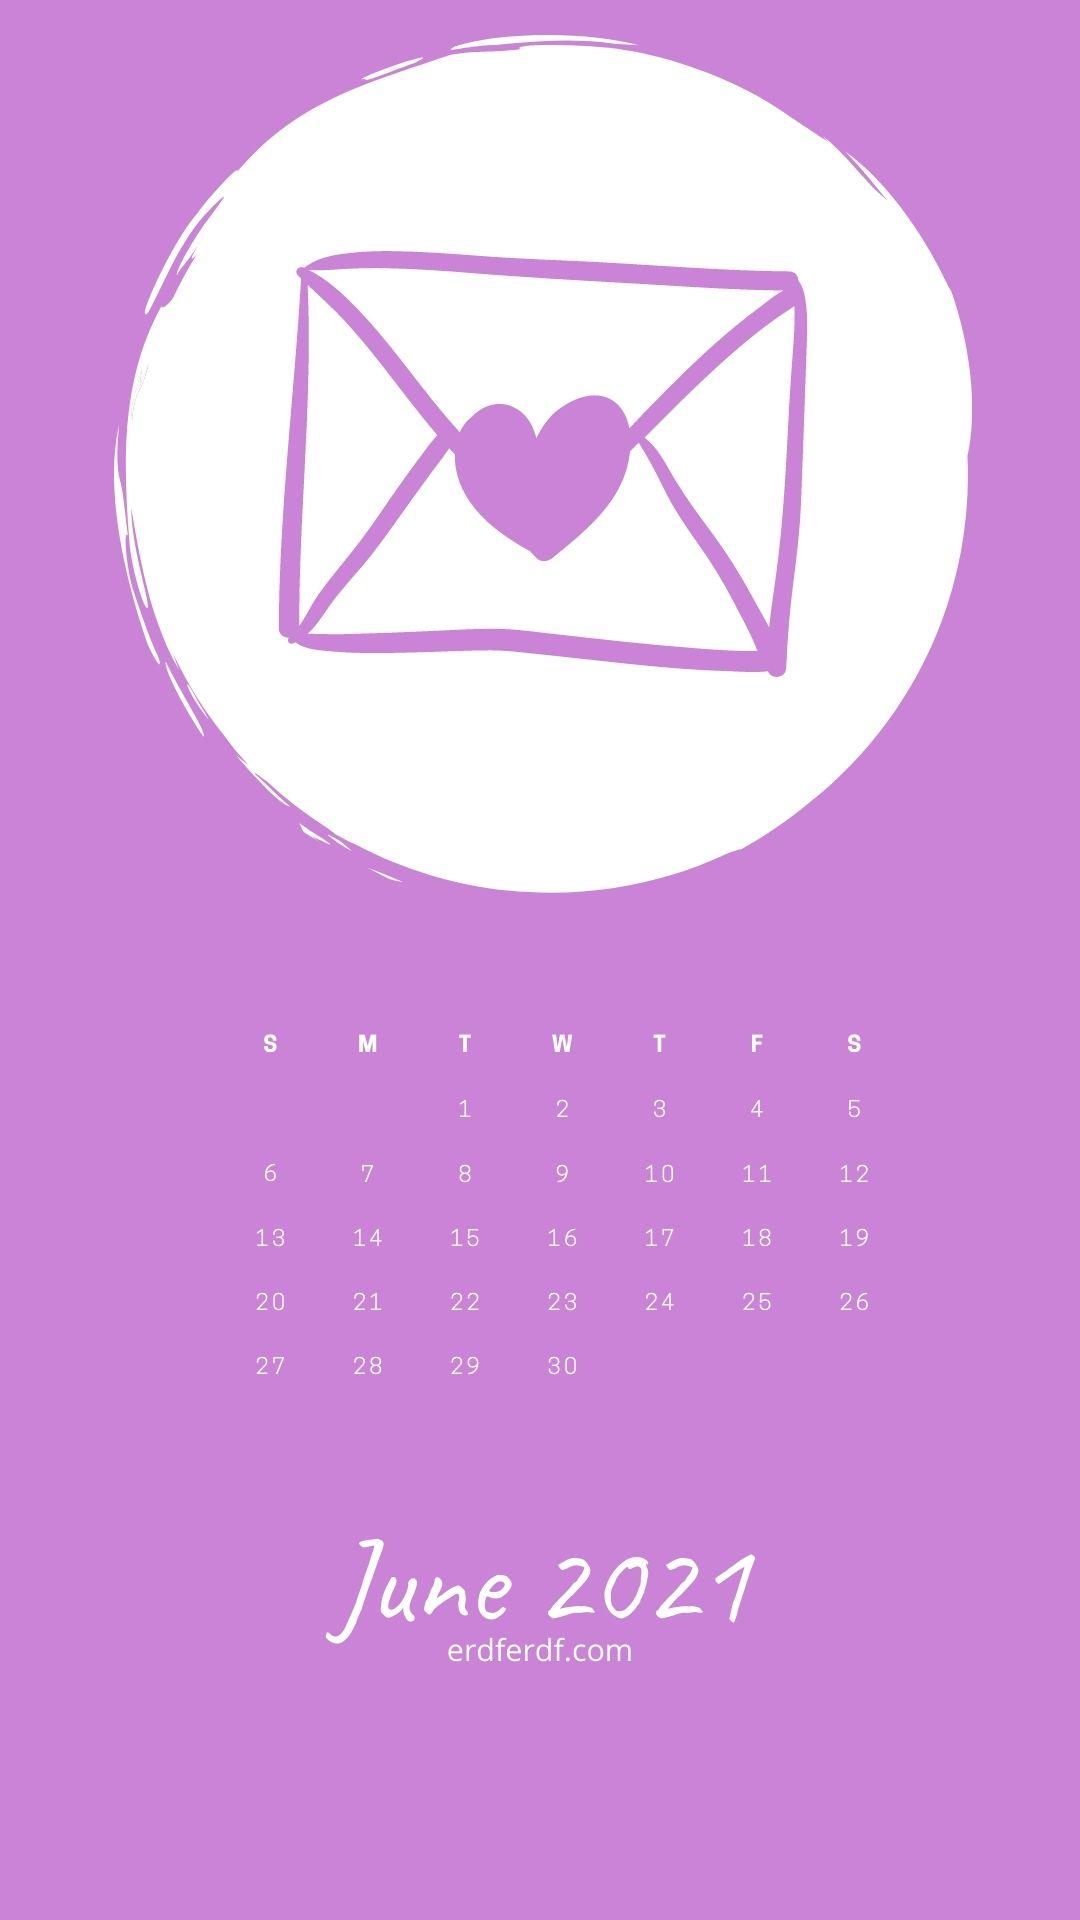 2 June 2021 Callendar Wallpaper Iphone